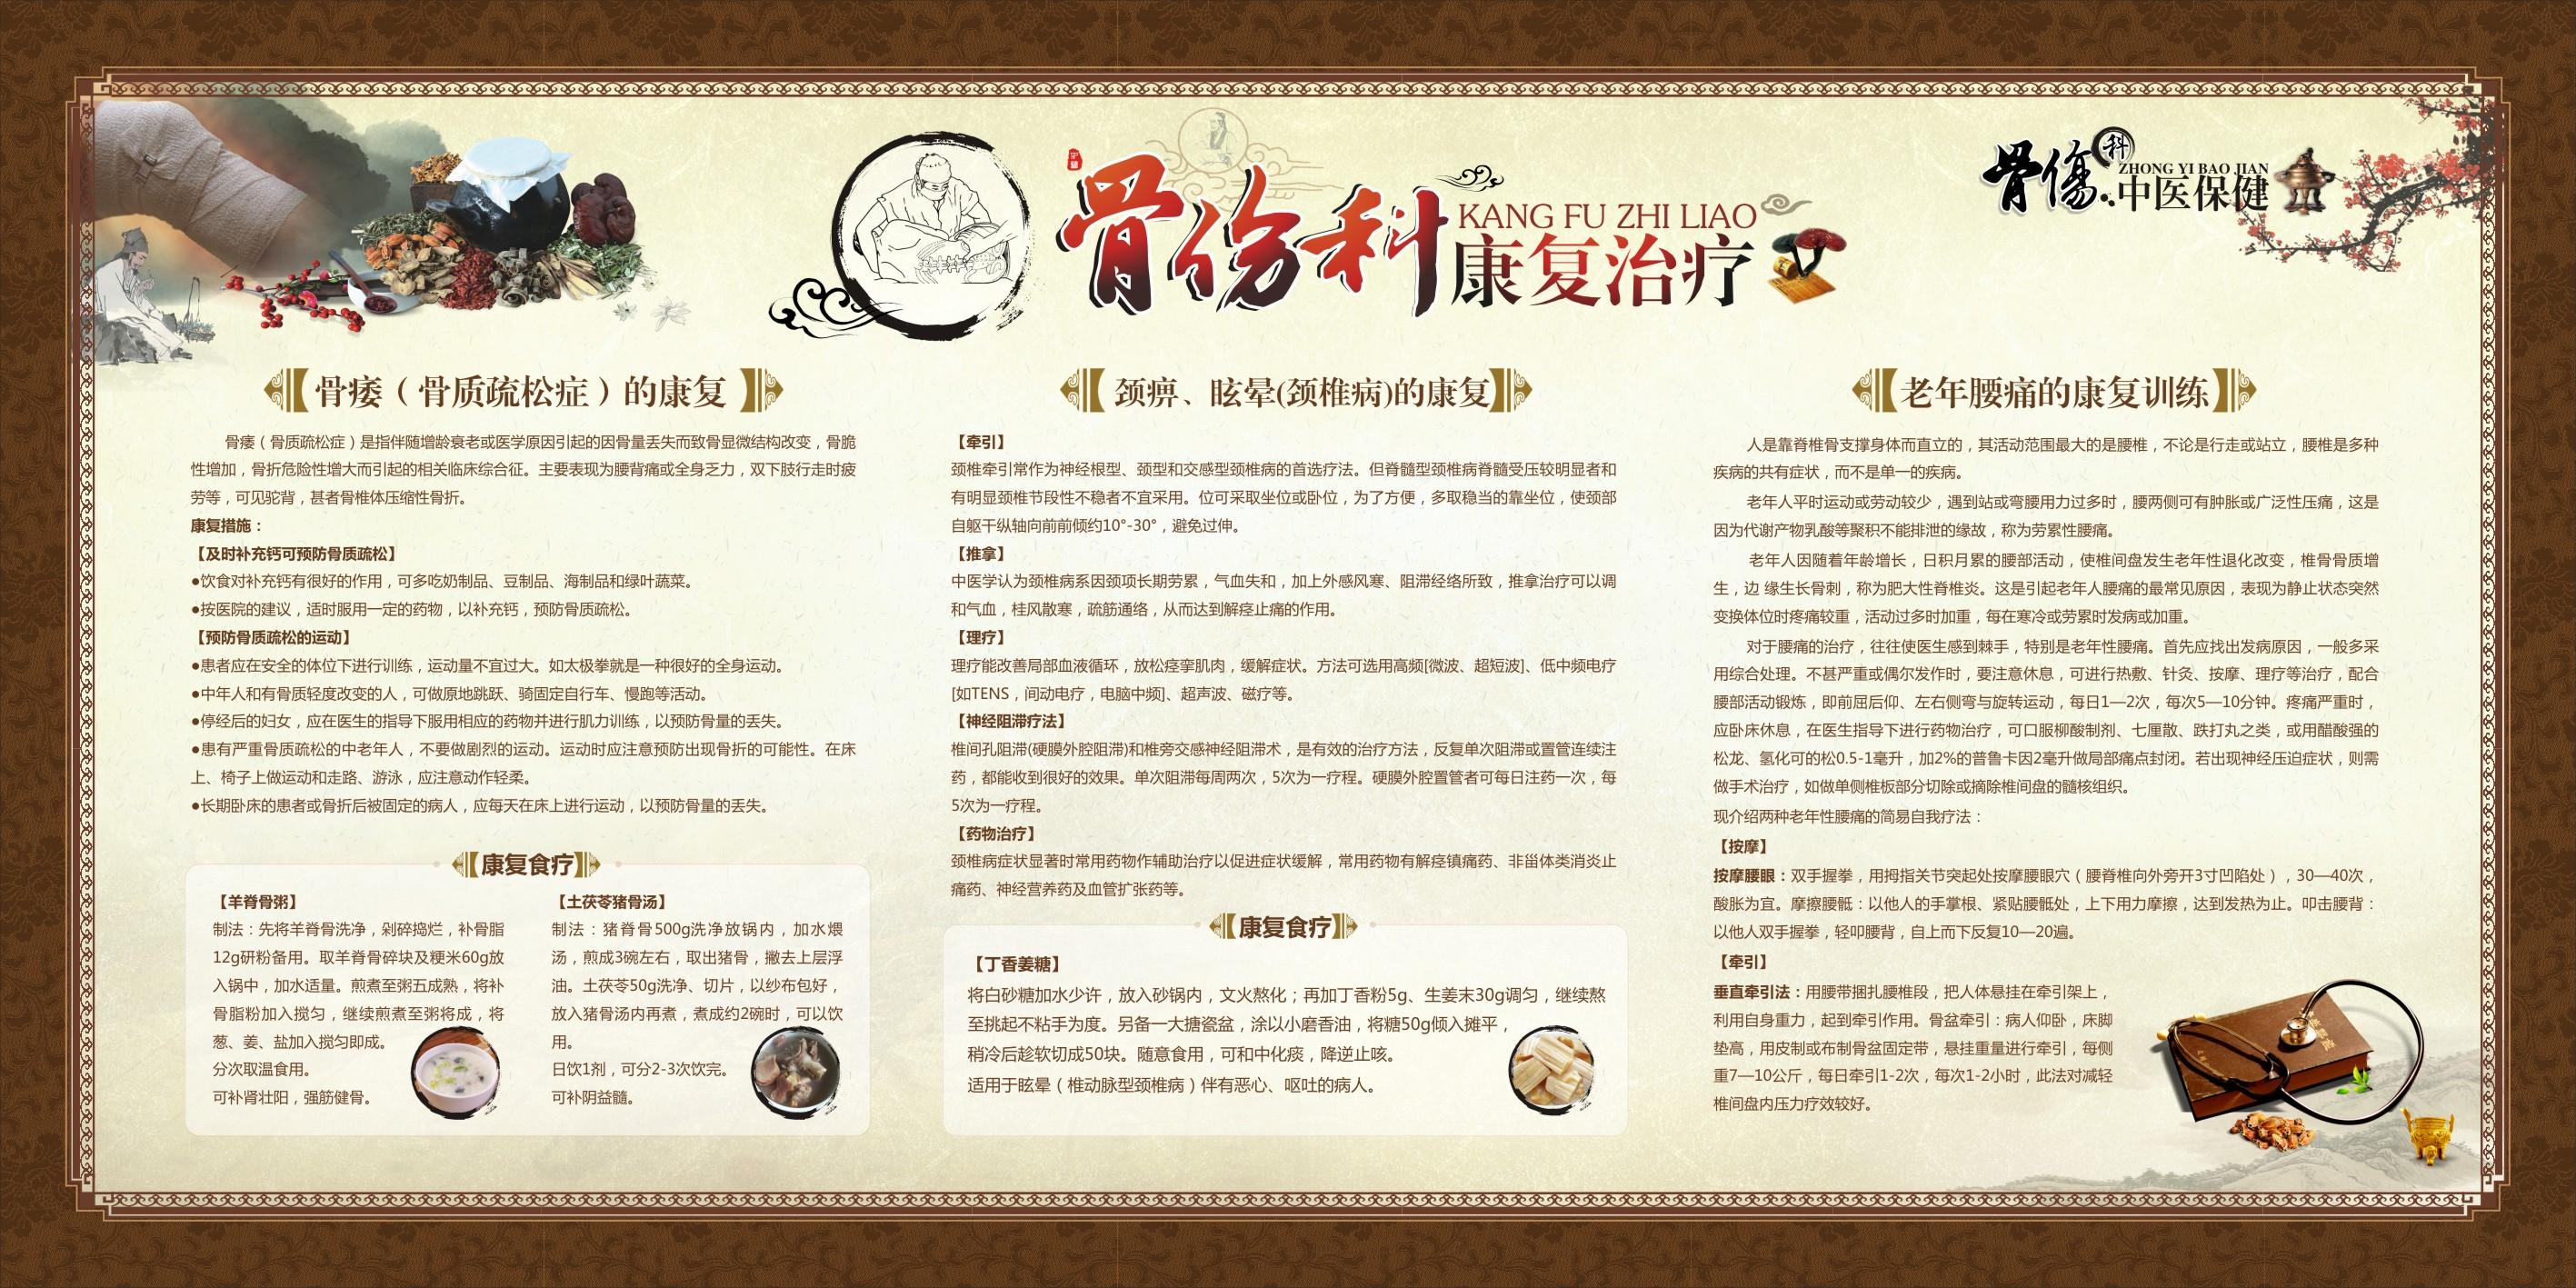 骨科宣传栏|中医骨科健康教育